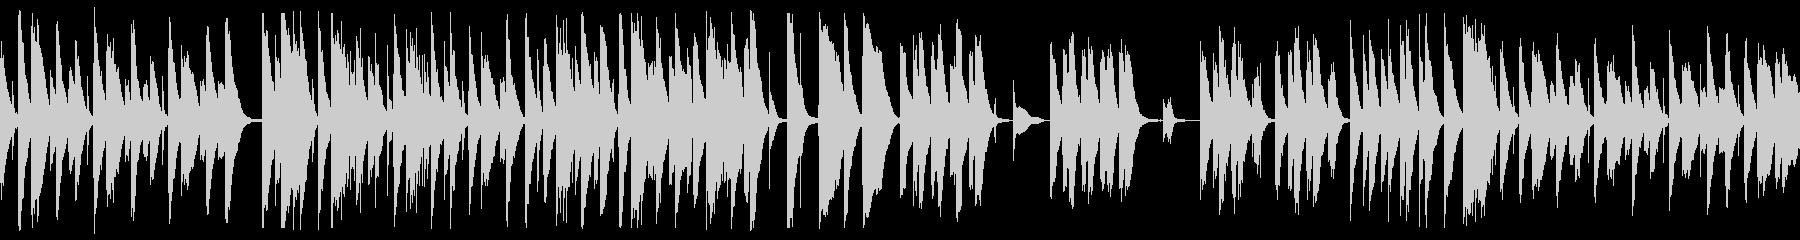 ピアノと木琴がかわいい日常系BGM の未再生の波形